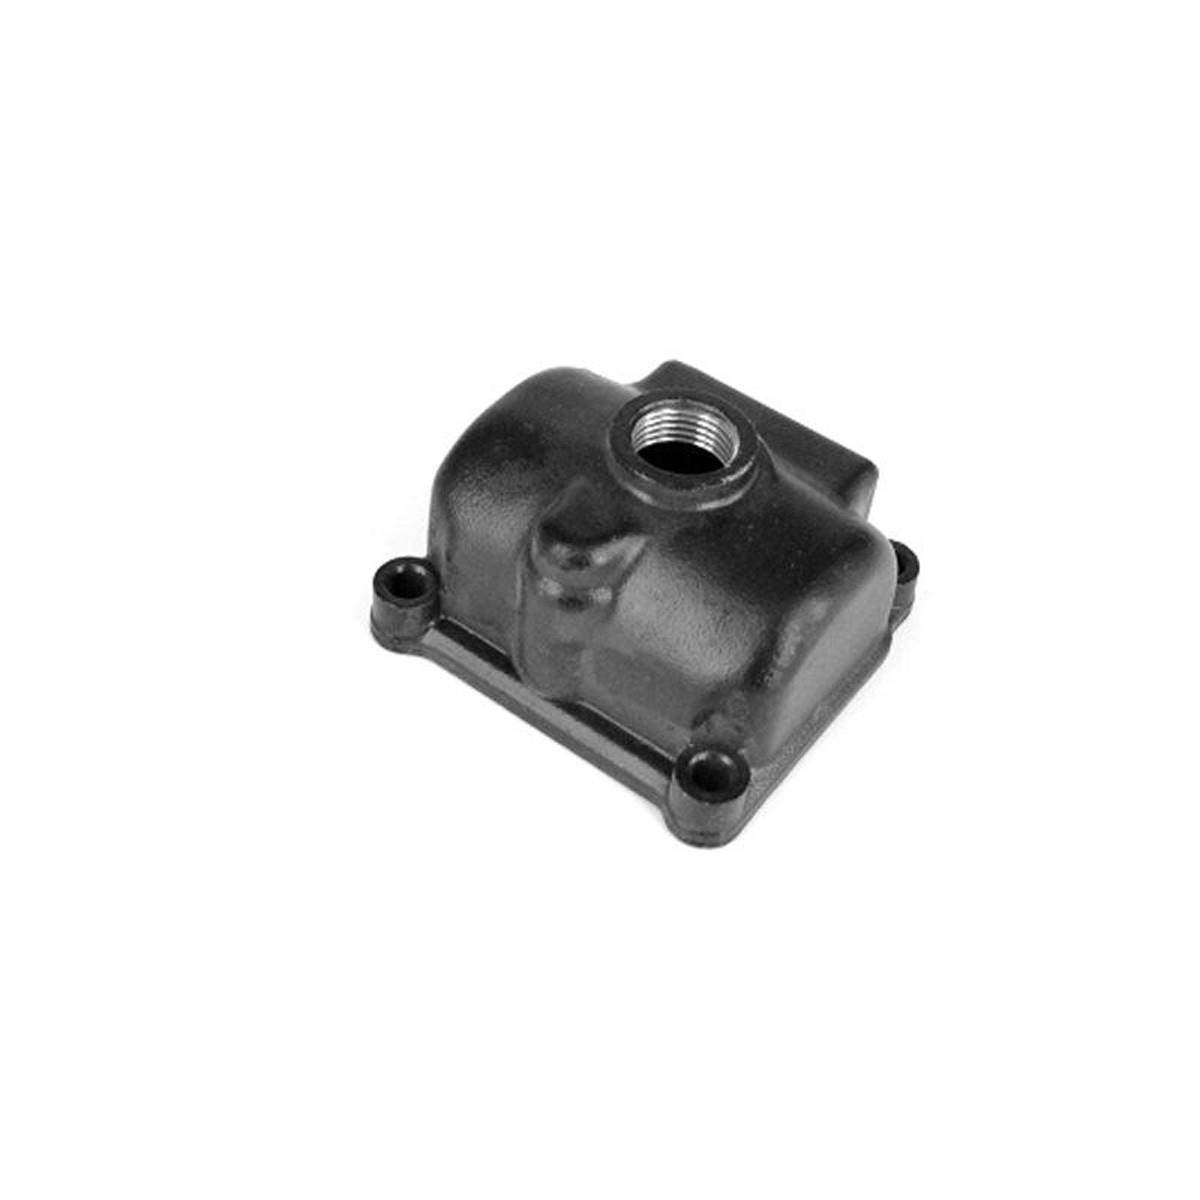 Cuve de Carburateur DELLORTO PHBG - Alu Noir Course